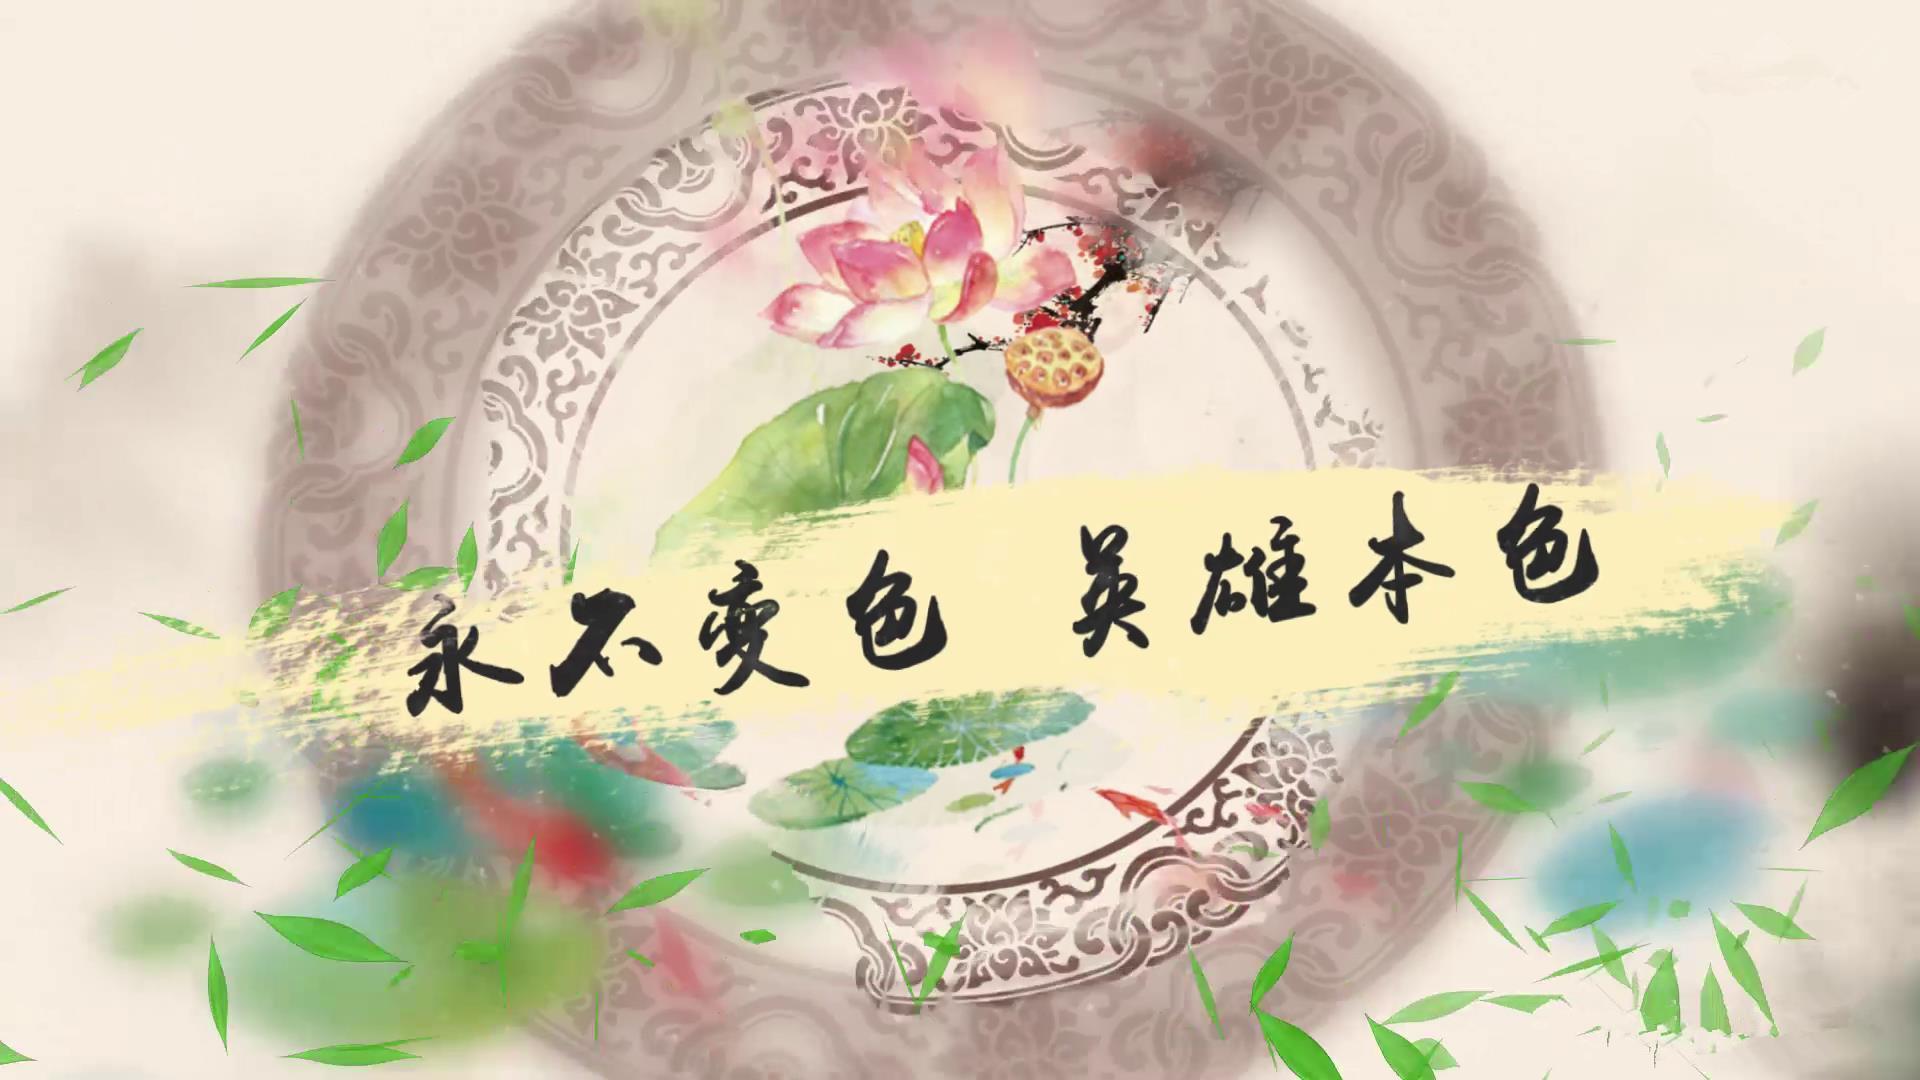 影音模板-优美淡雅中国风荷花水墨晕染片头ae模板(4)